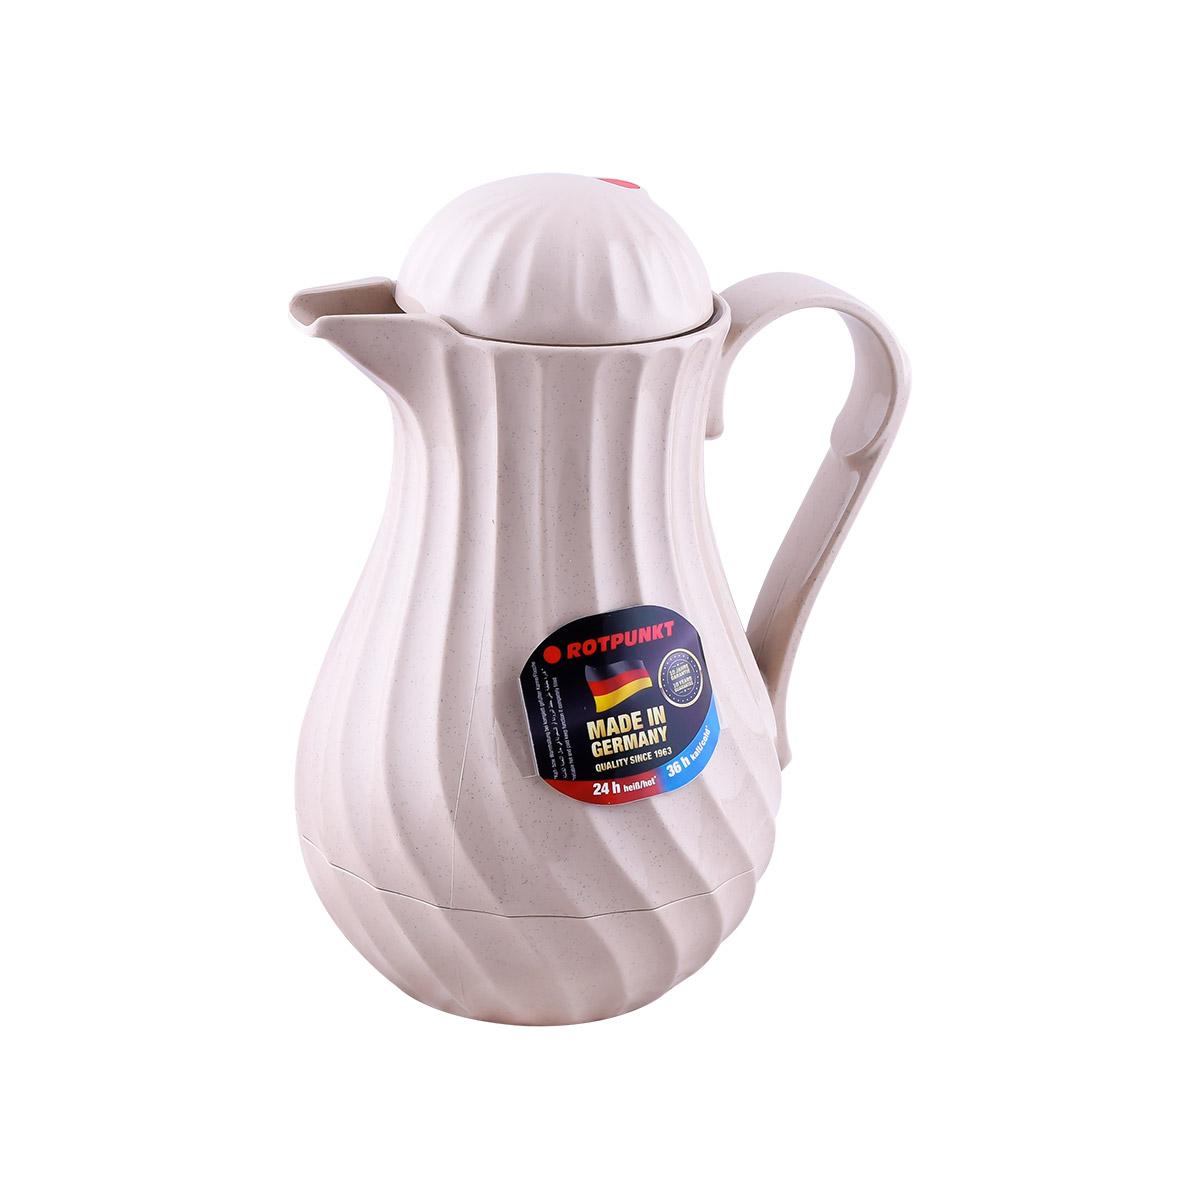 ترمس شاي وقهوة روتبونت, الماني ,1 لتر S-576-450